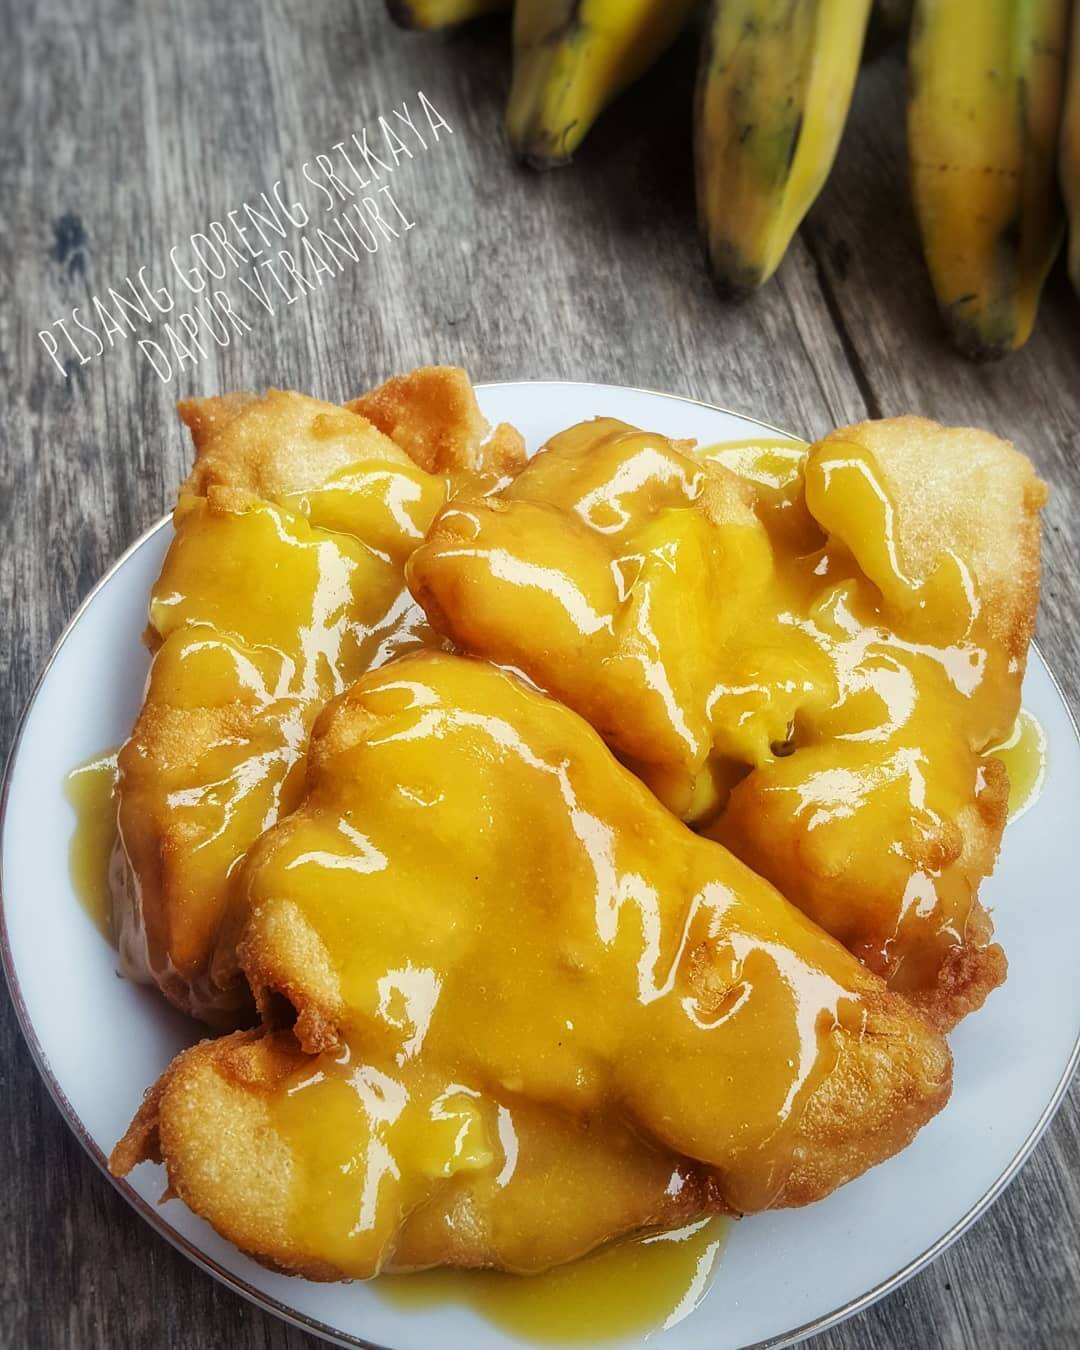 pisang goreng srikaya